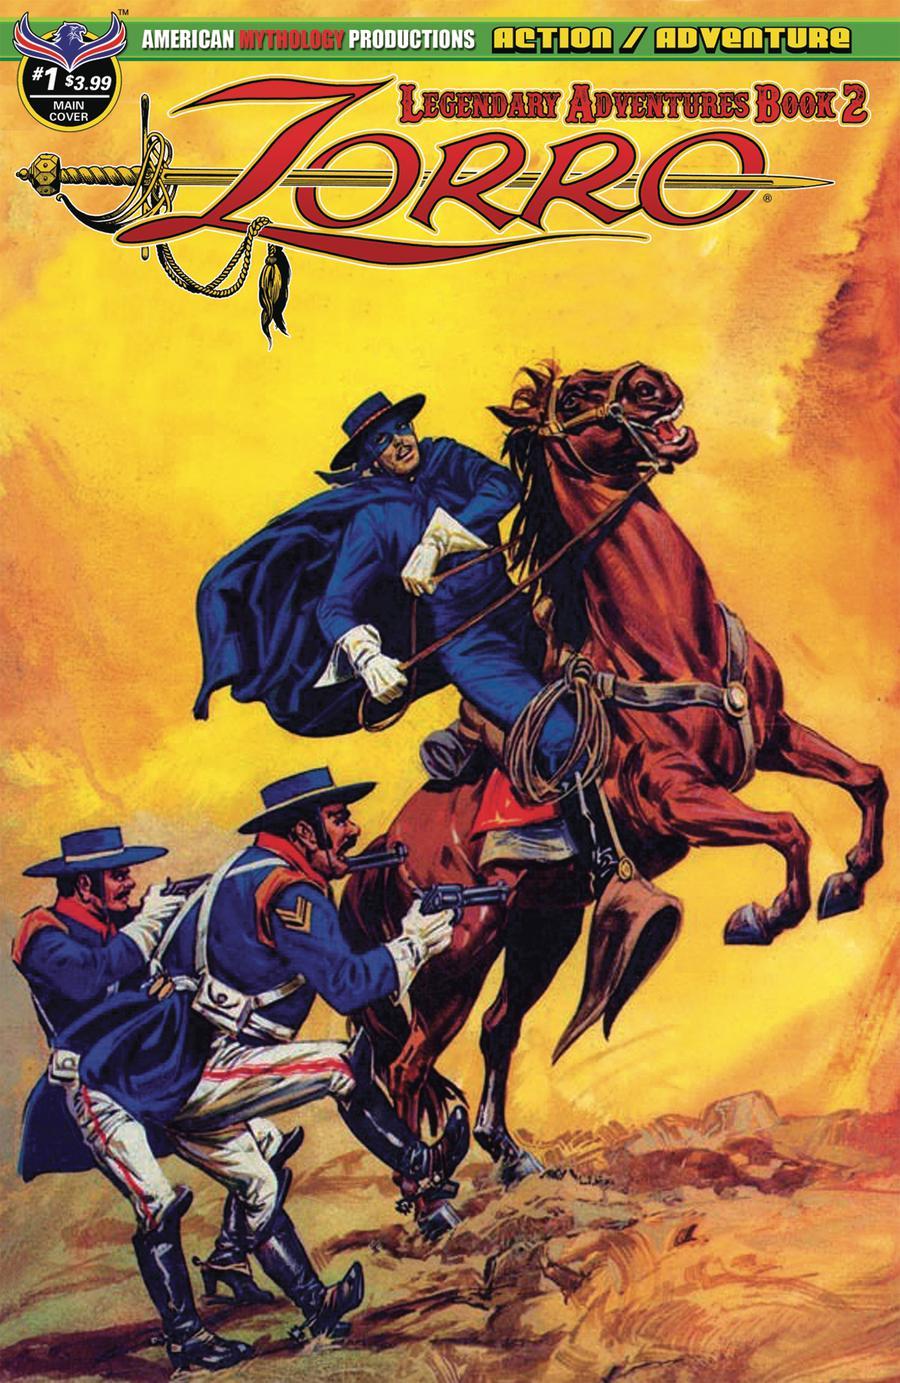 Zorro Legendary Adventures Book 2 #1 Cover A Regular Francisco Cueto Cover